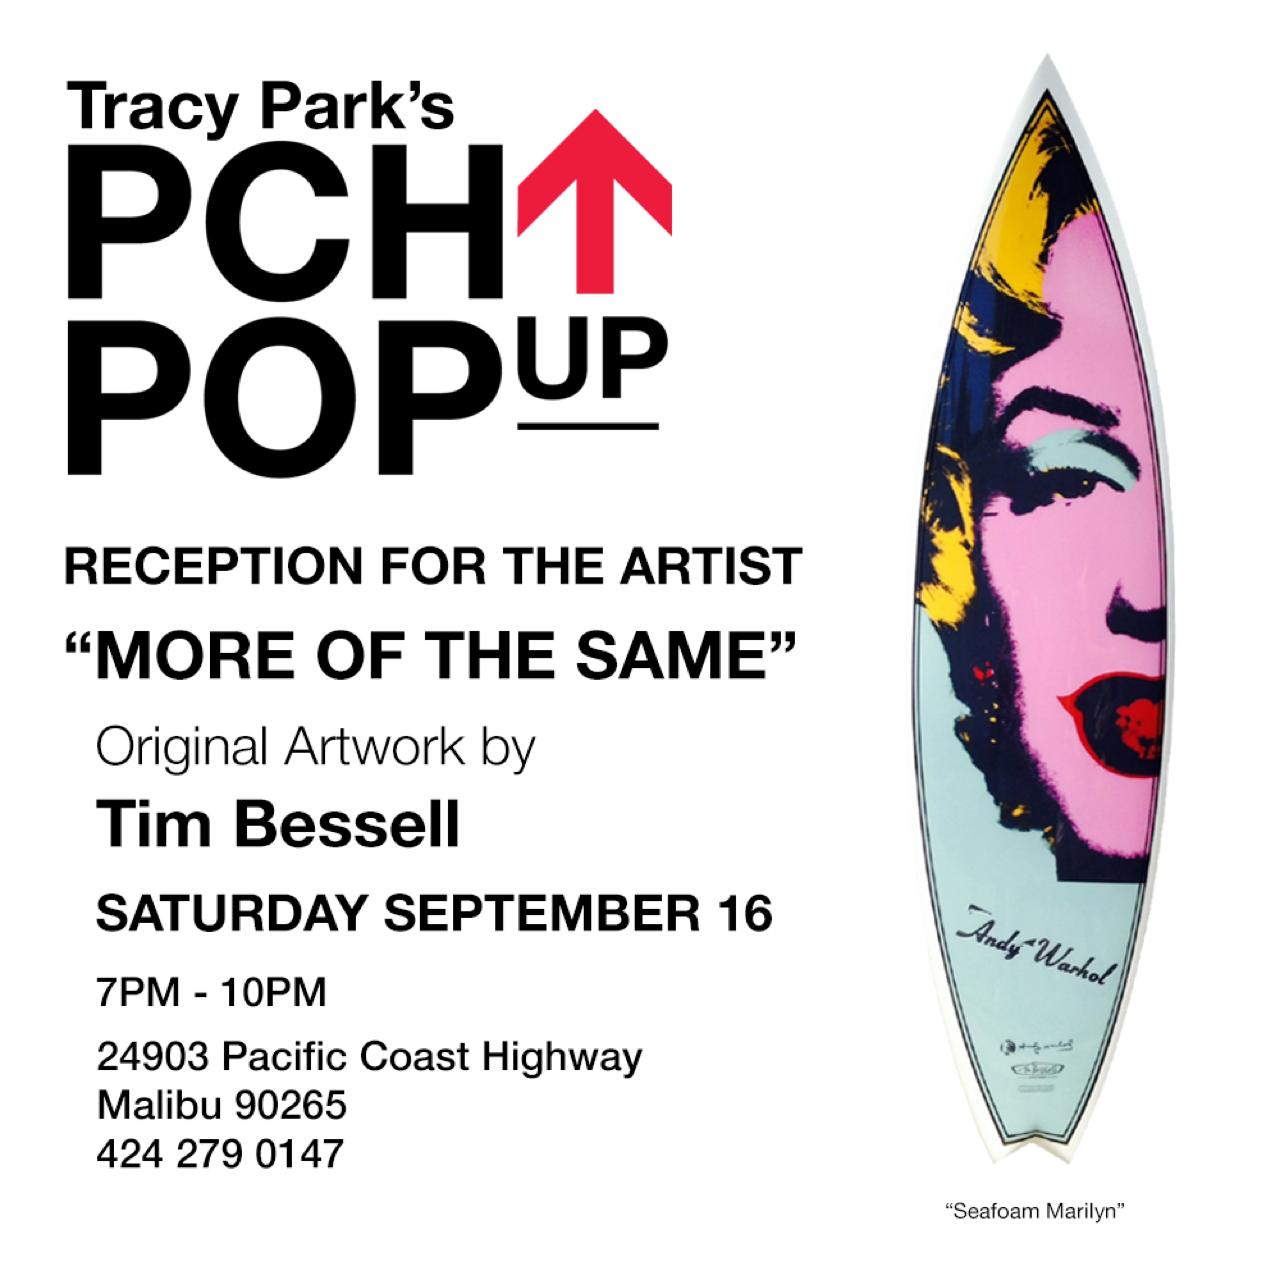 PCH pop up Tim Bessell Warhol